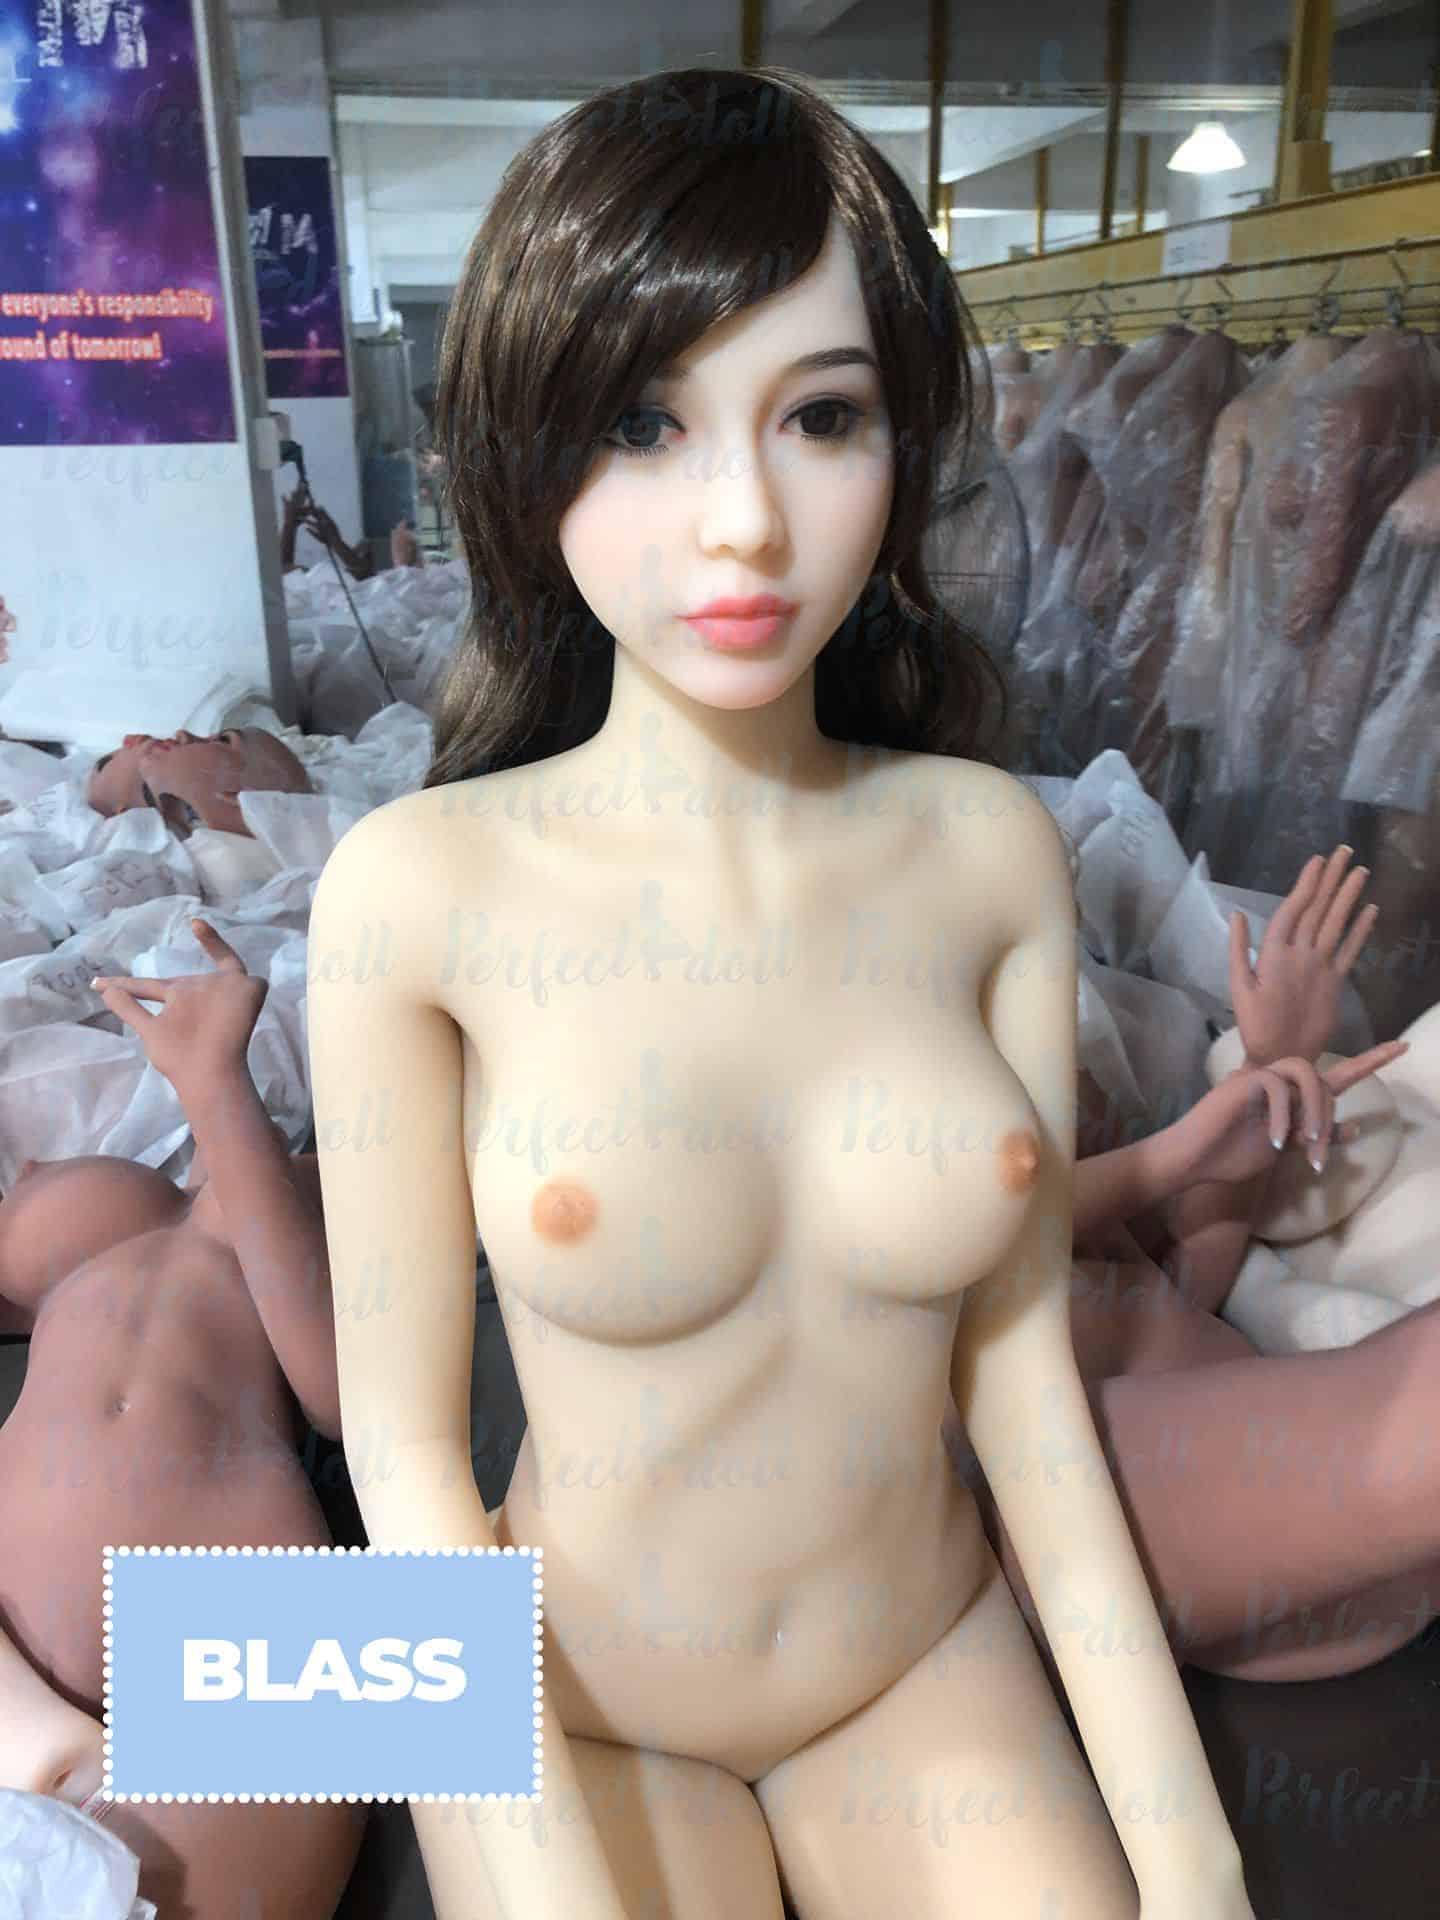 sexpuppe blasse hautfarbe